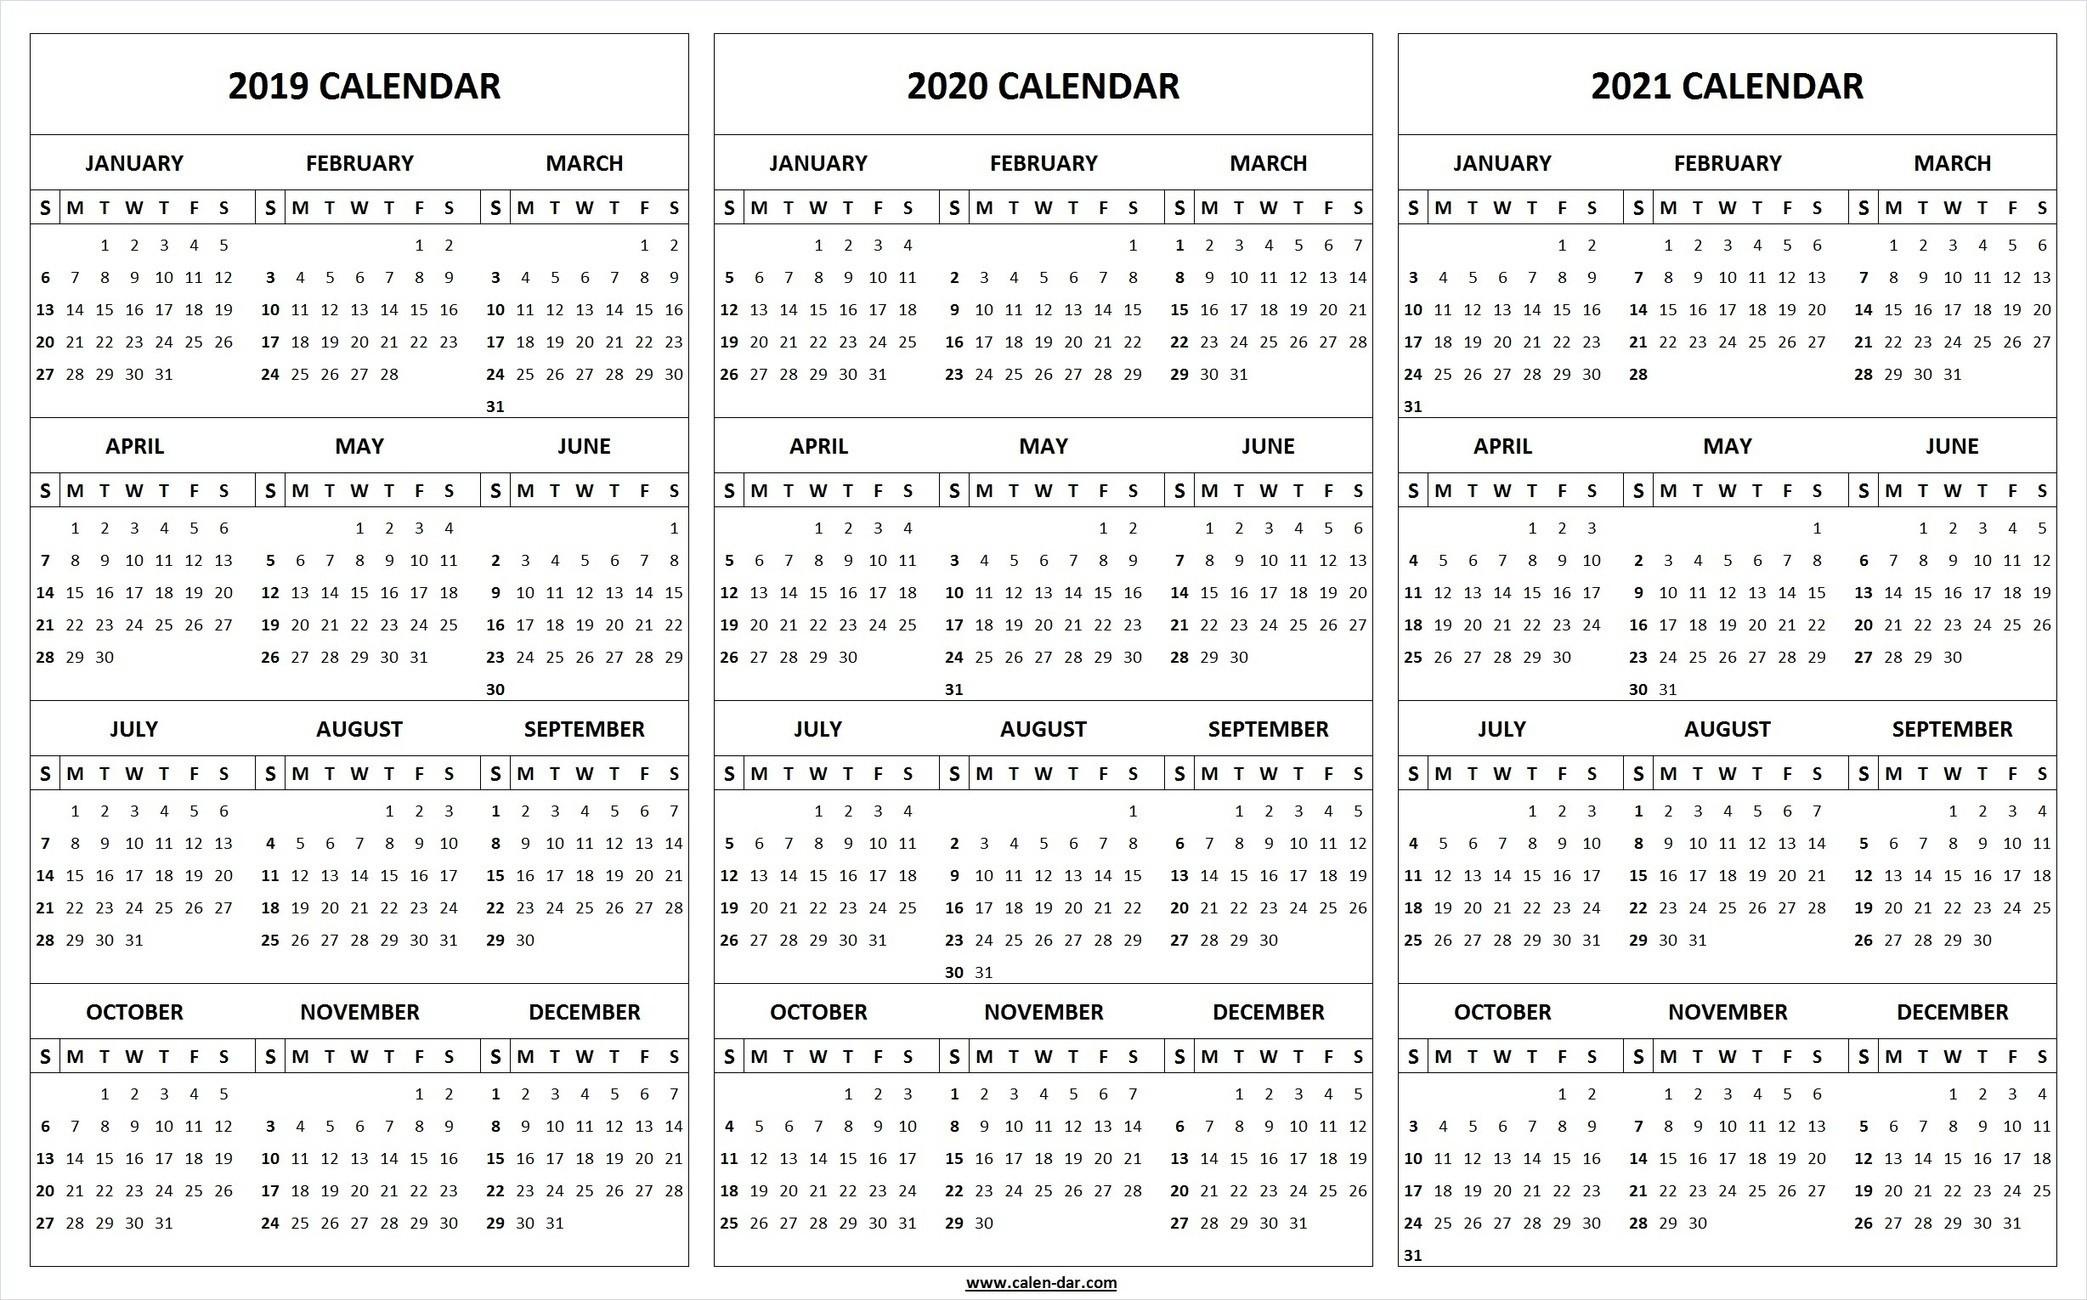 Calendario 2019 Argentina Con Feriados Para Imprimir Más Reciente Printable 2019 2020 2021 Calendar Template